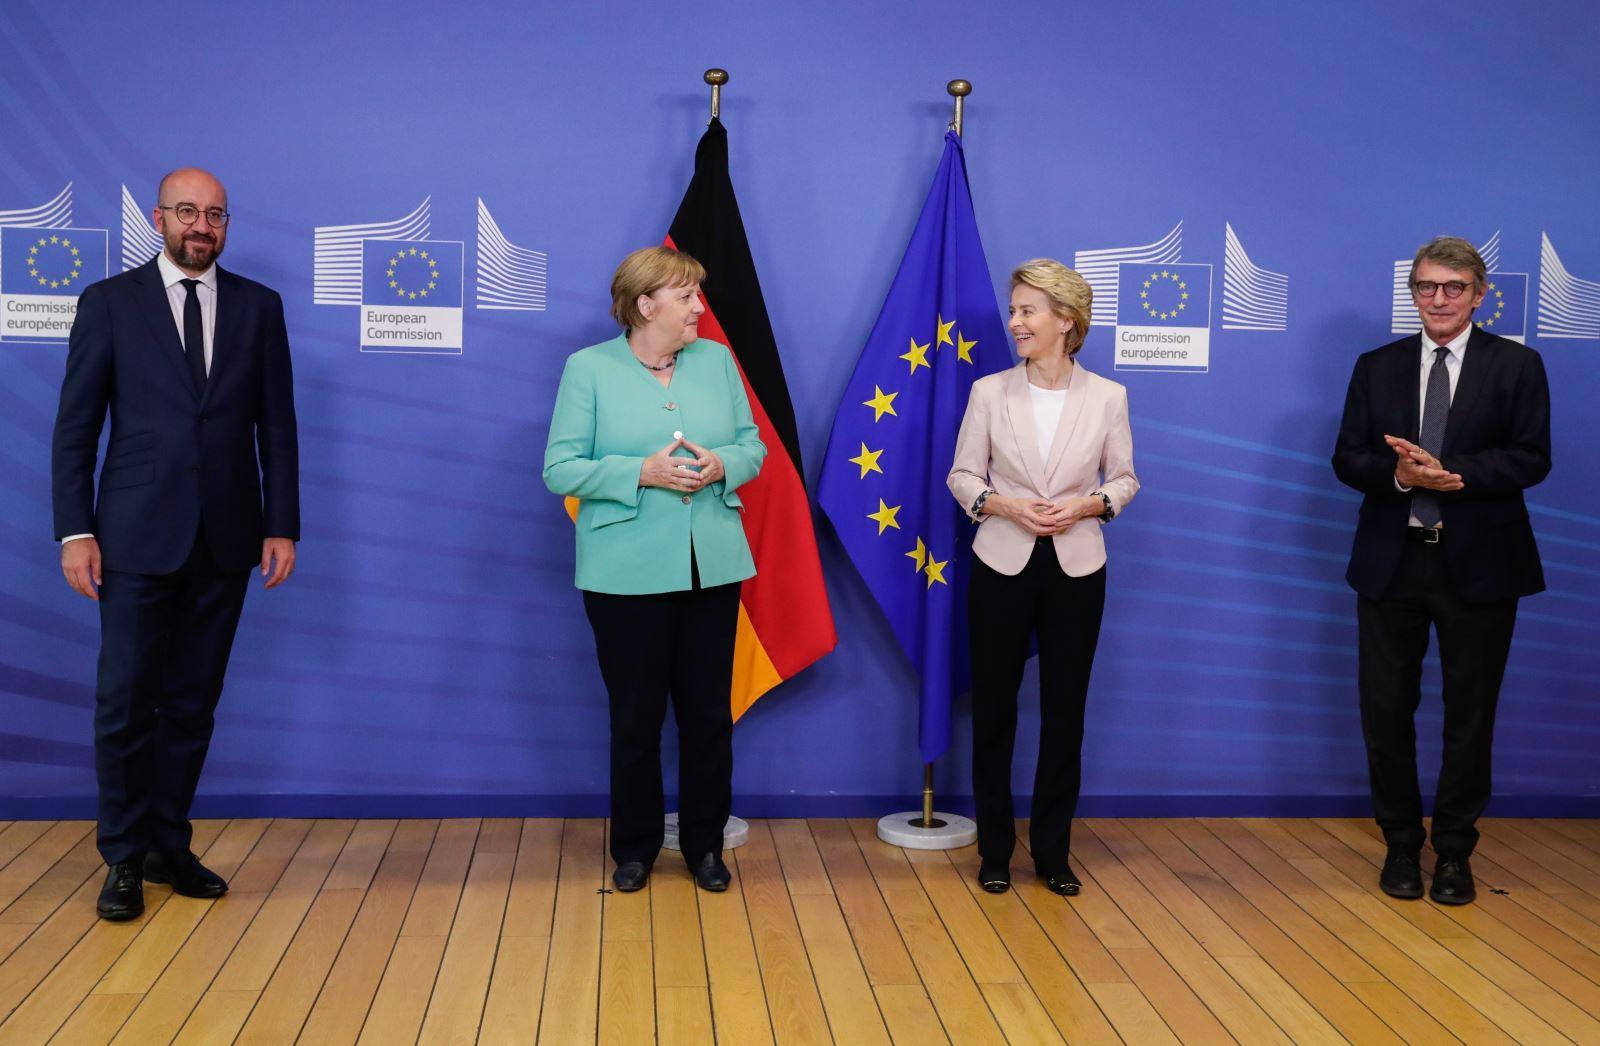 Trong ảnh (từ trái sang): Chủ tịch Hội đồng châu Âu Charles Michel, Thủ tướng Đức Angela Merkel, Chủ tịch Ủy ban châu Âu Ursula von der Leyen và Chủ tịch Nghị viện châu David Sassoli trong cuộc gặp tại Brussels, Bỉ, ngày 8-7-2020. Ảnh: AFP/TTXVN